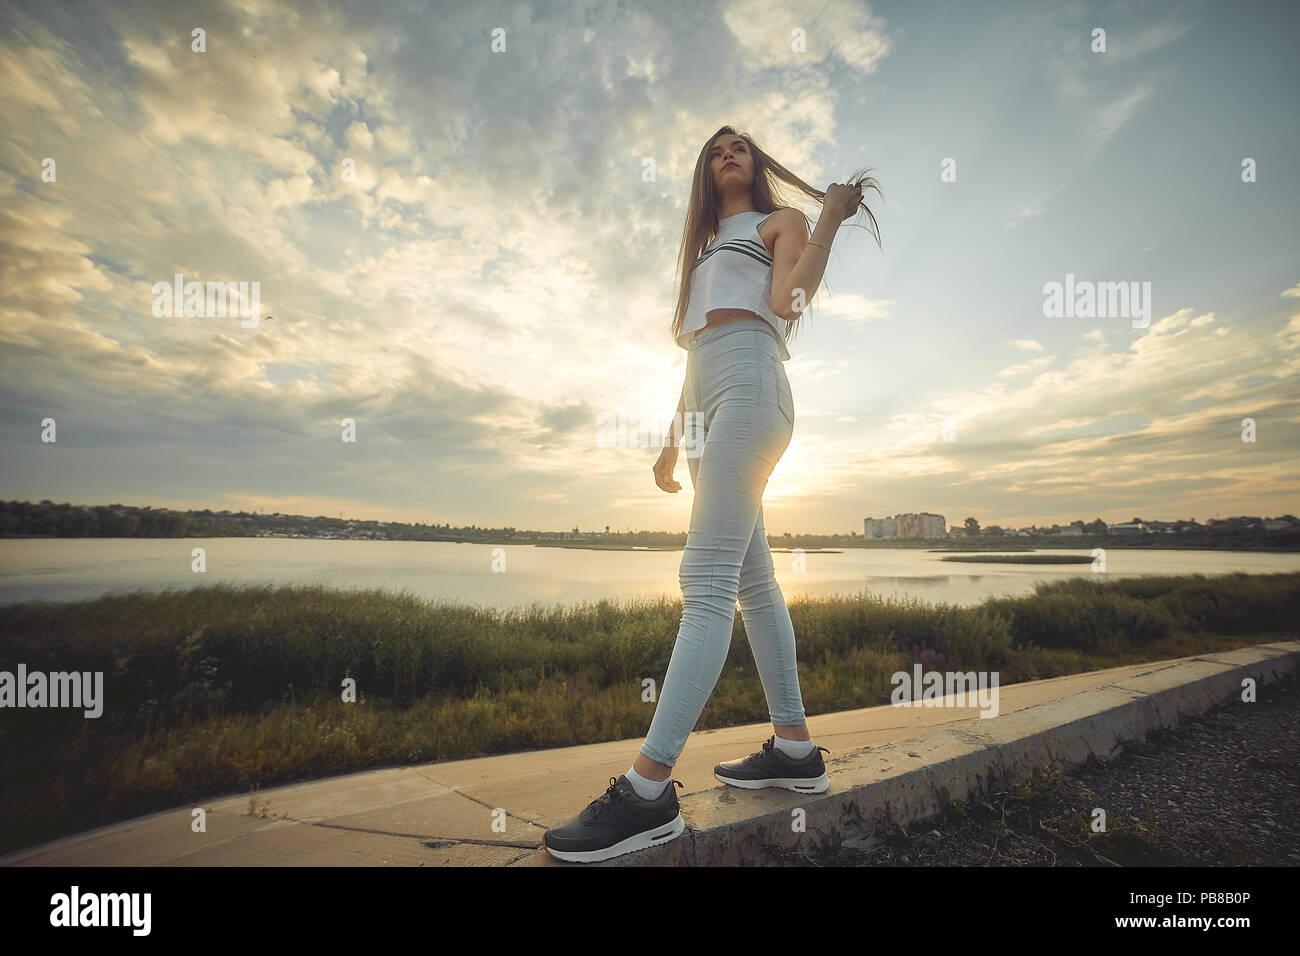 Silueta De Mujer Joven Mirando El Mar Al Atardecer Impresionante